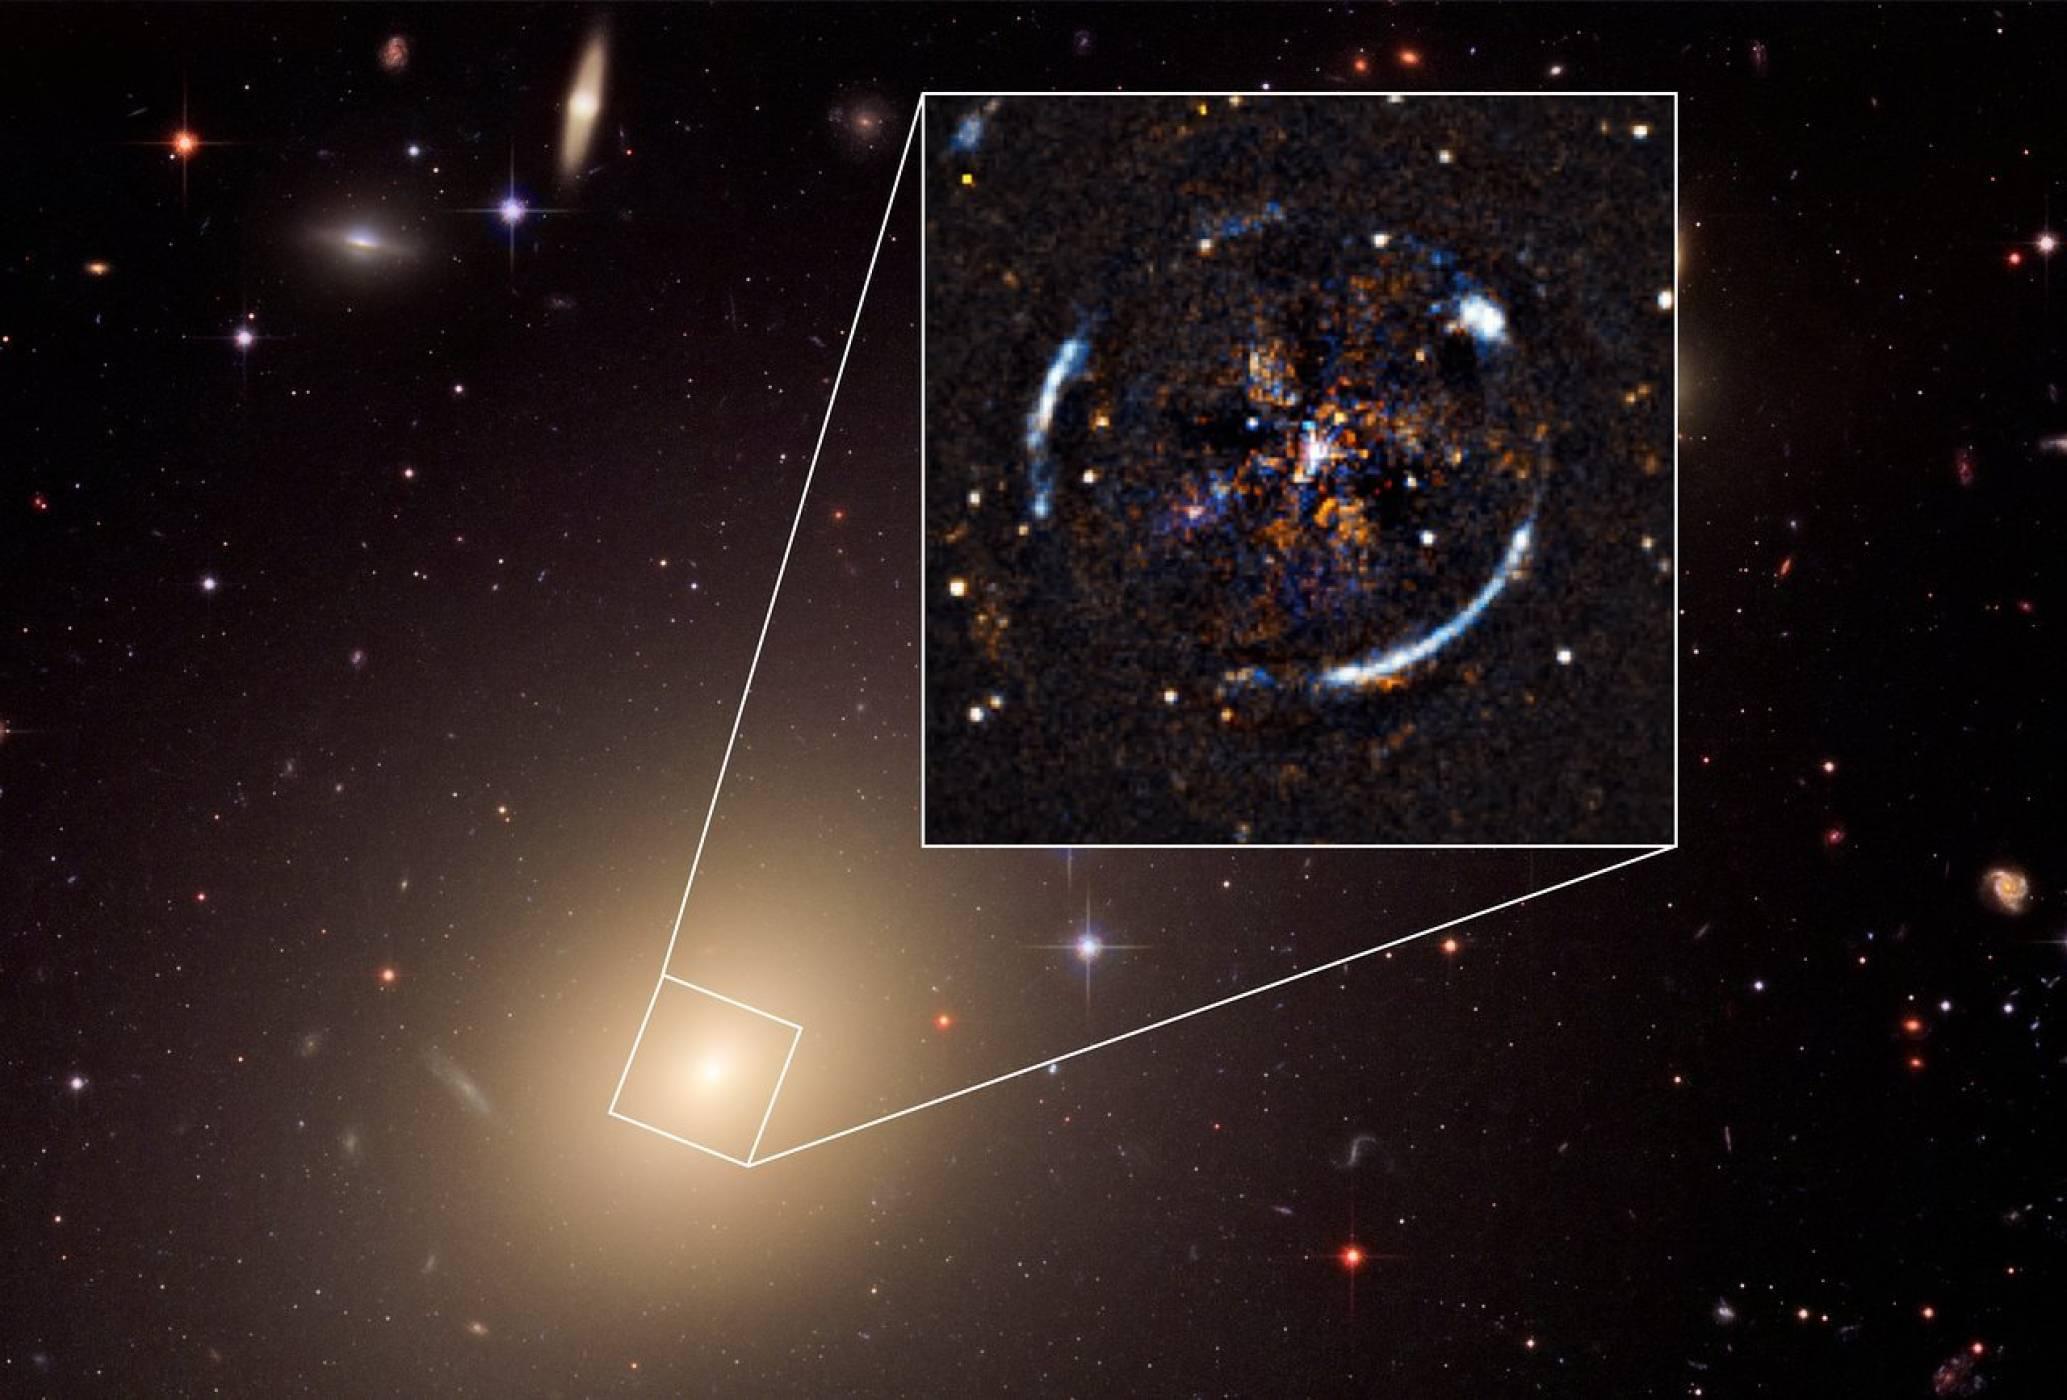 Доказаха Общата теория на относителността в цялата Вселена